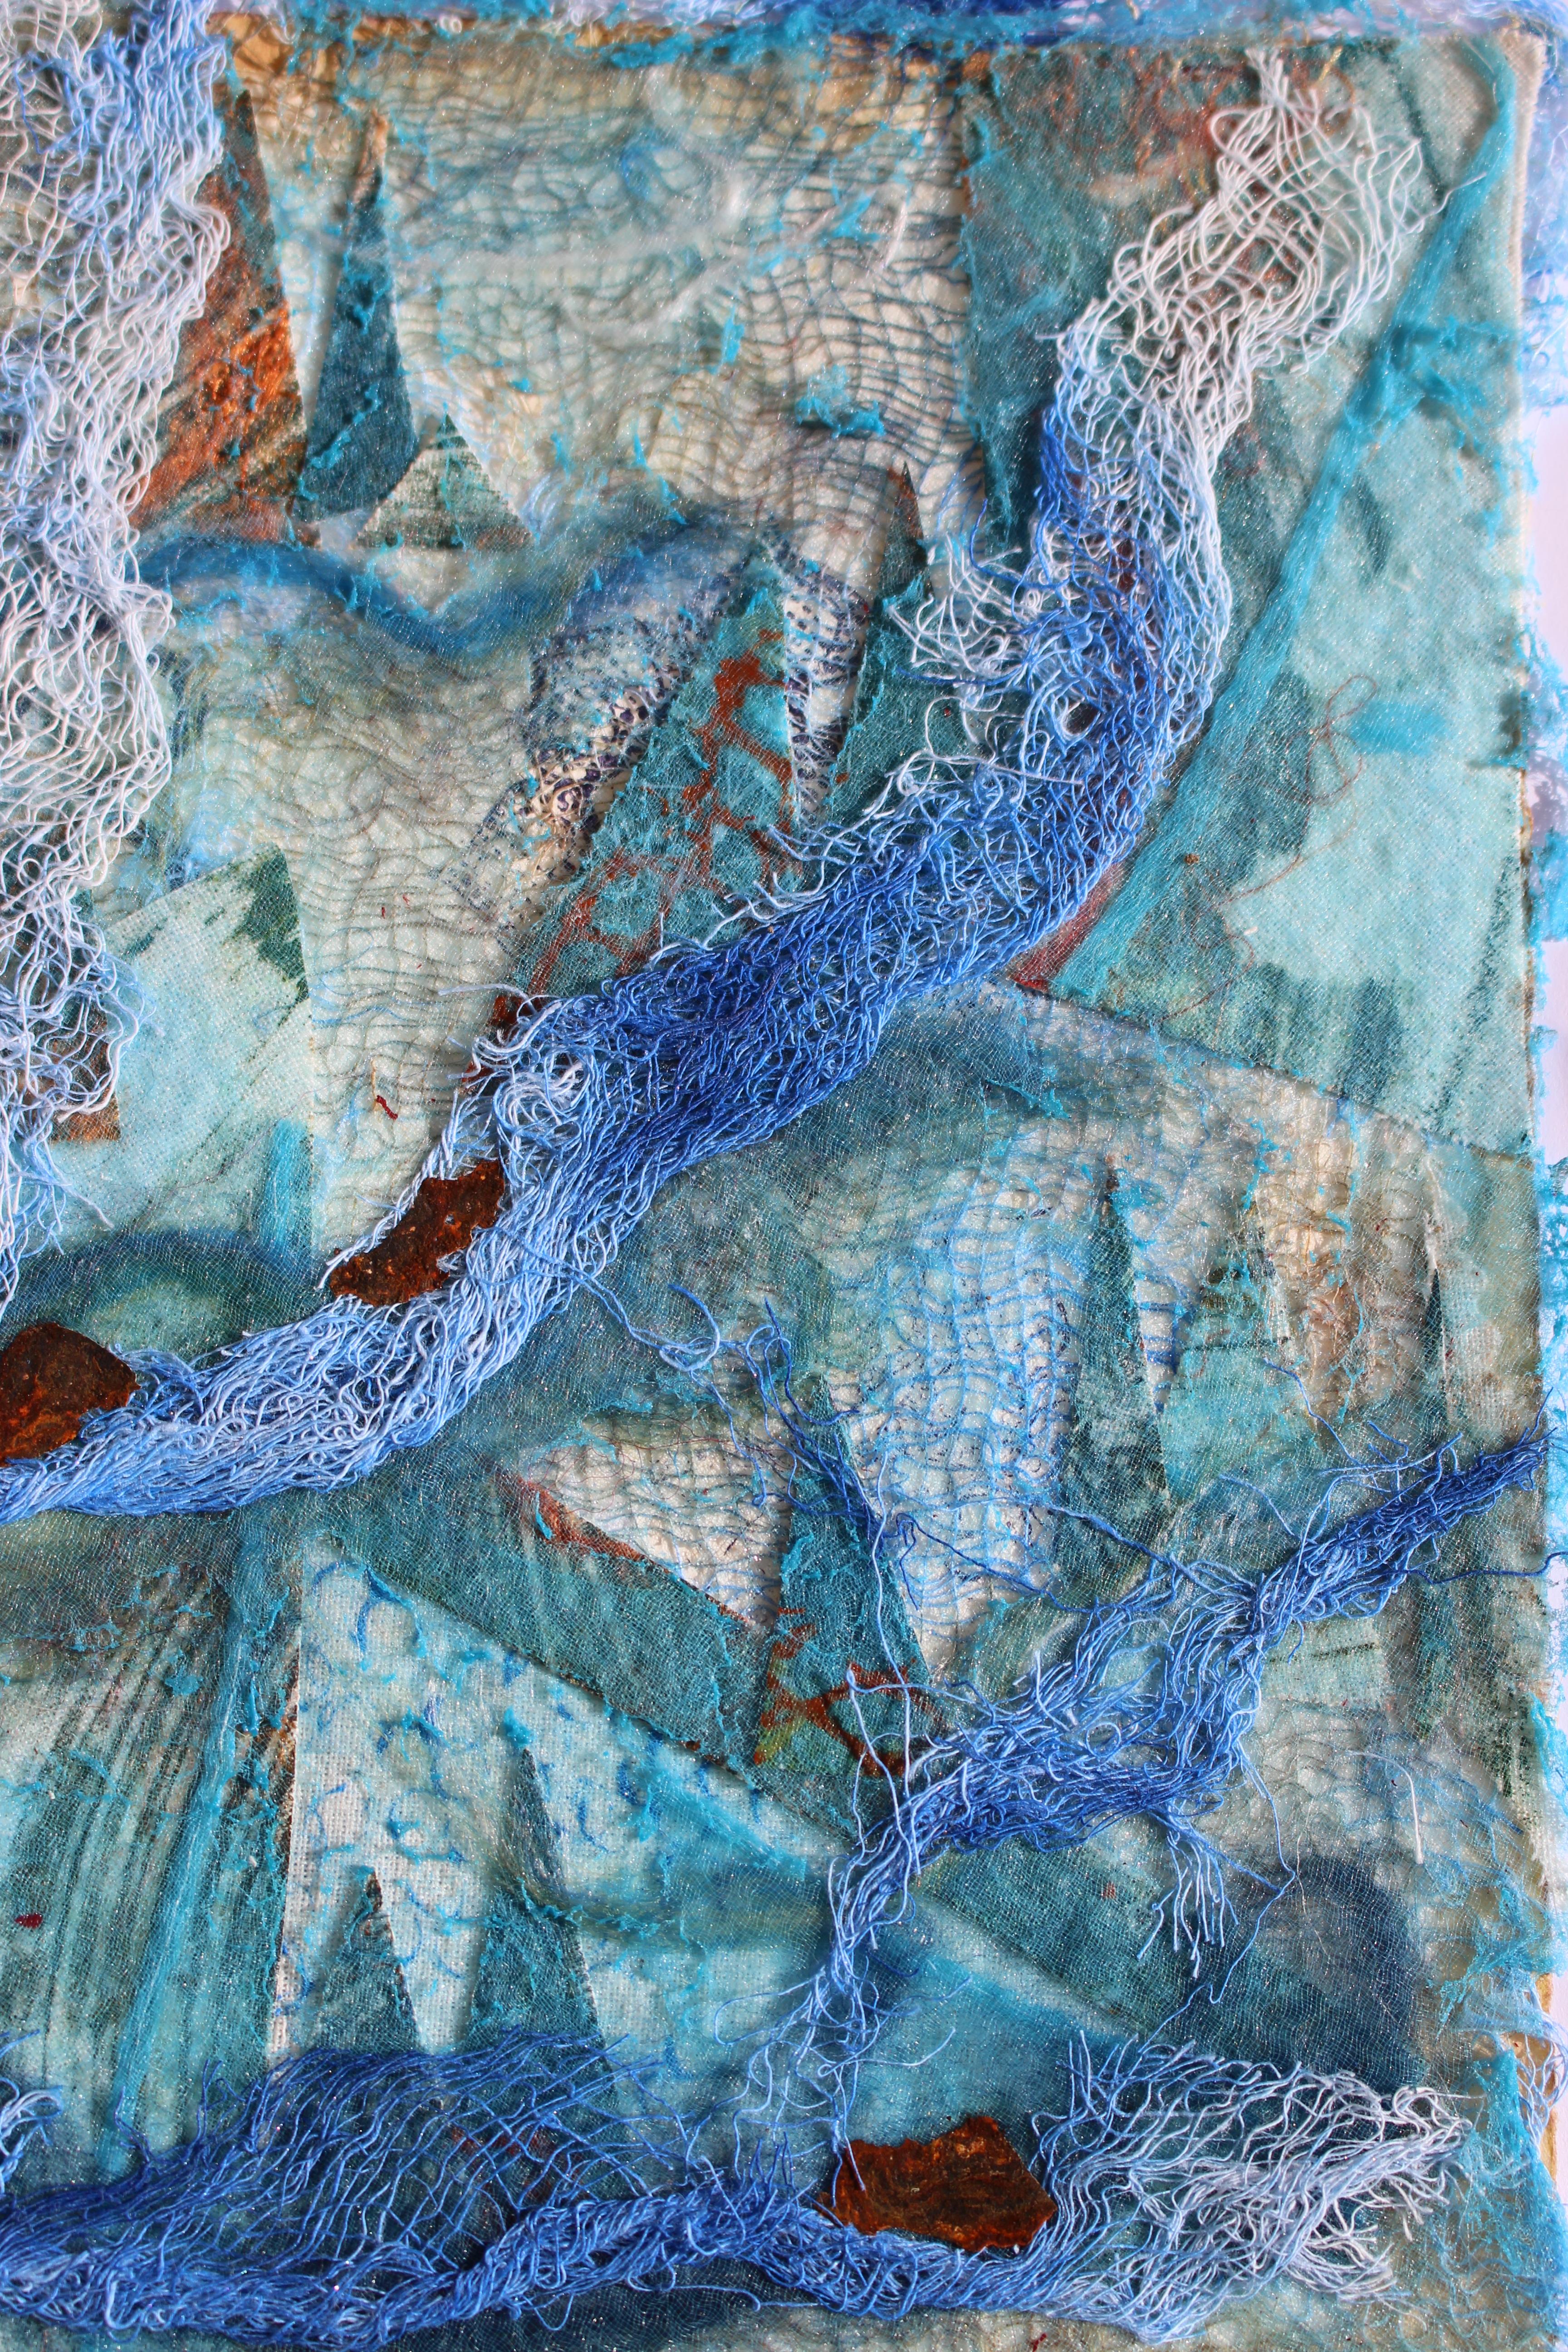 Reminiscence (detail), Helen McLoughlin, element15